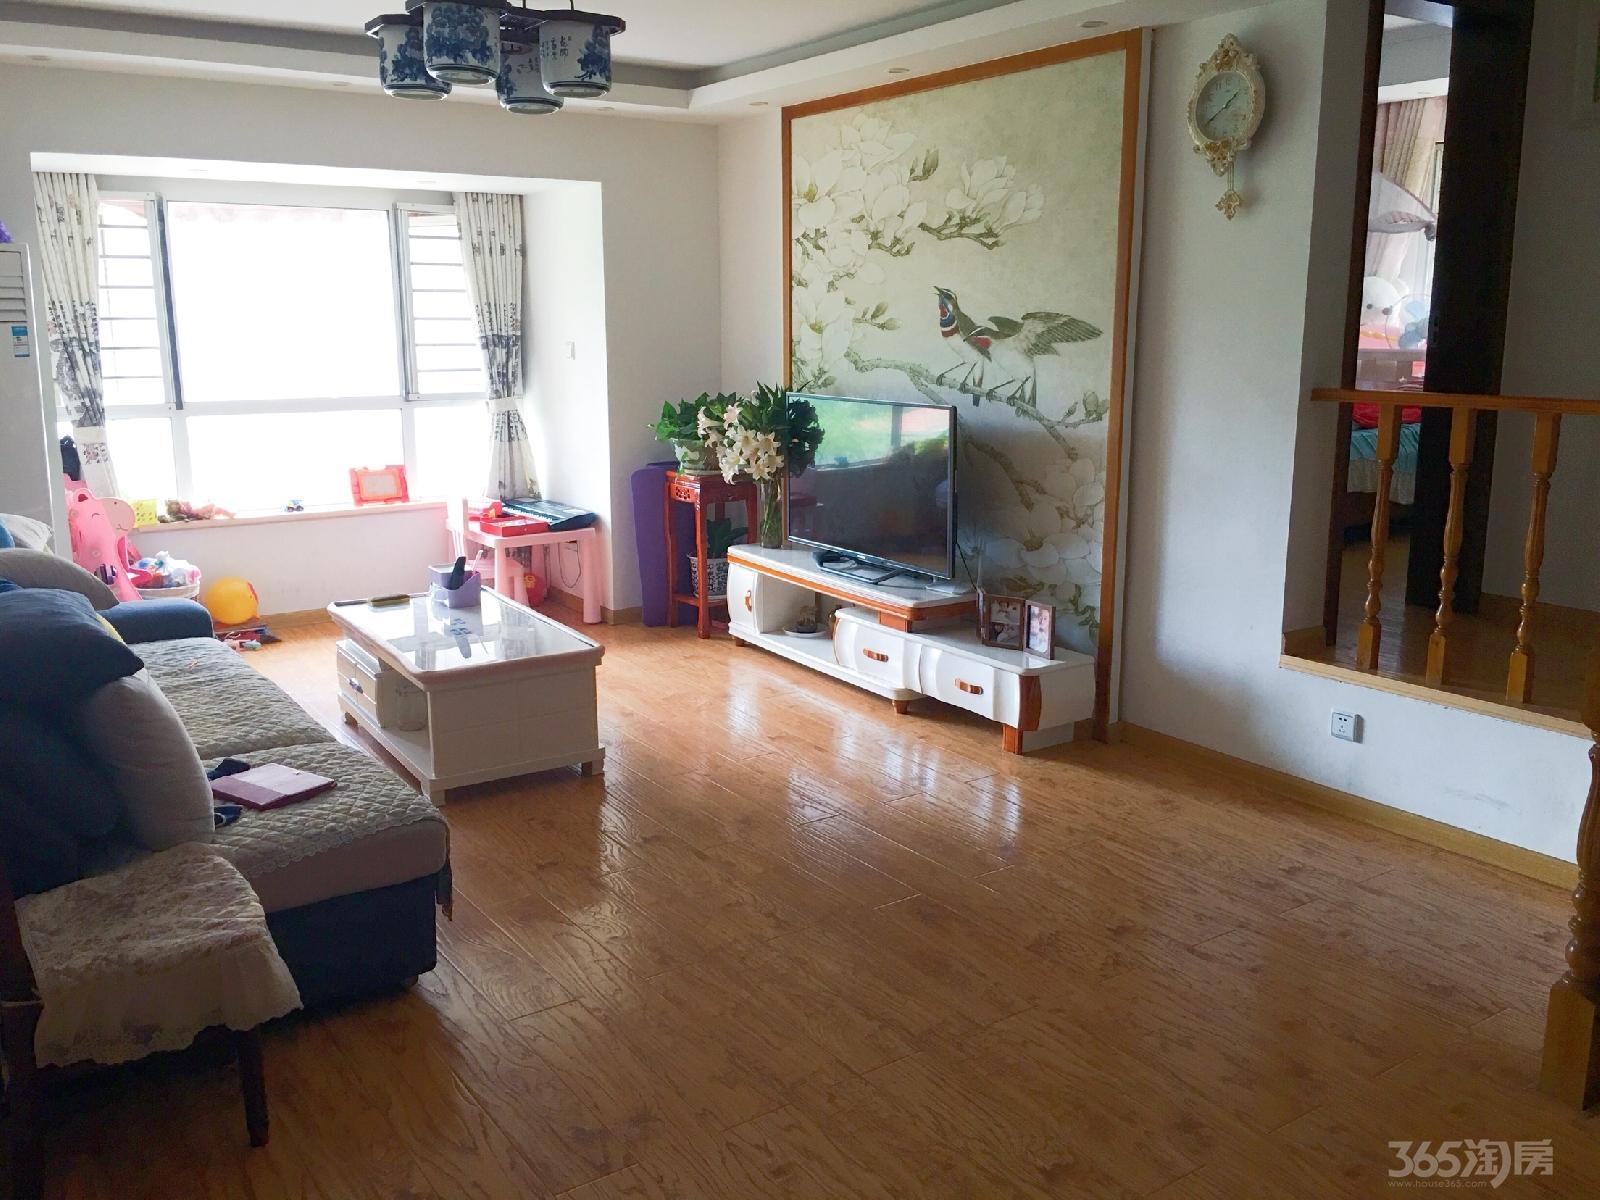 长河郡苑3室2厅1卫105平米豪华装产权房2015年建